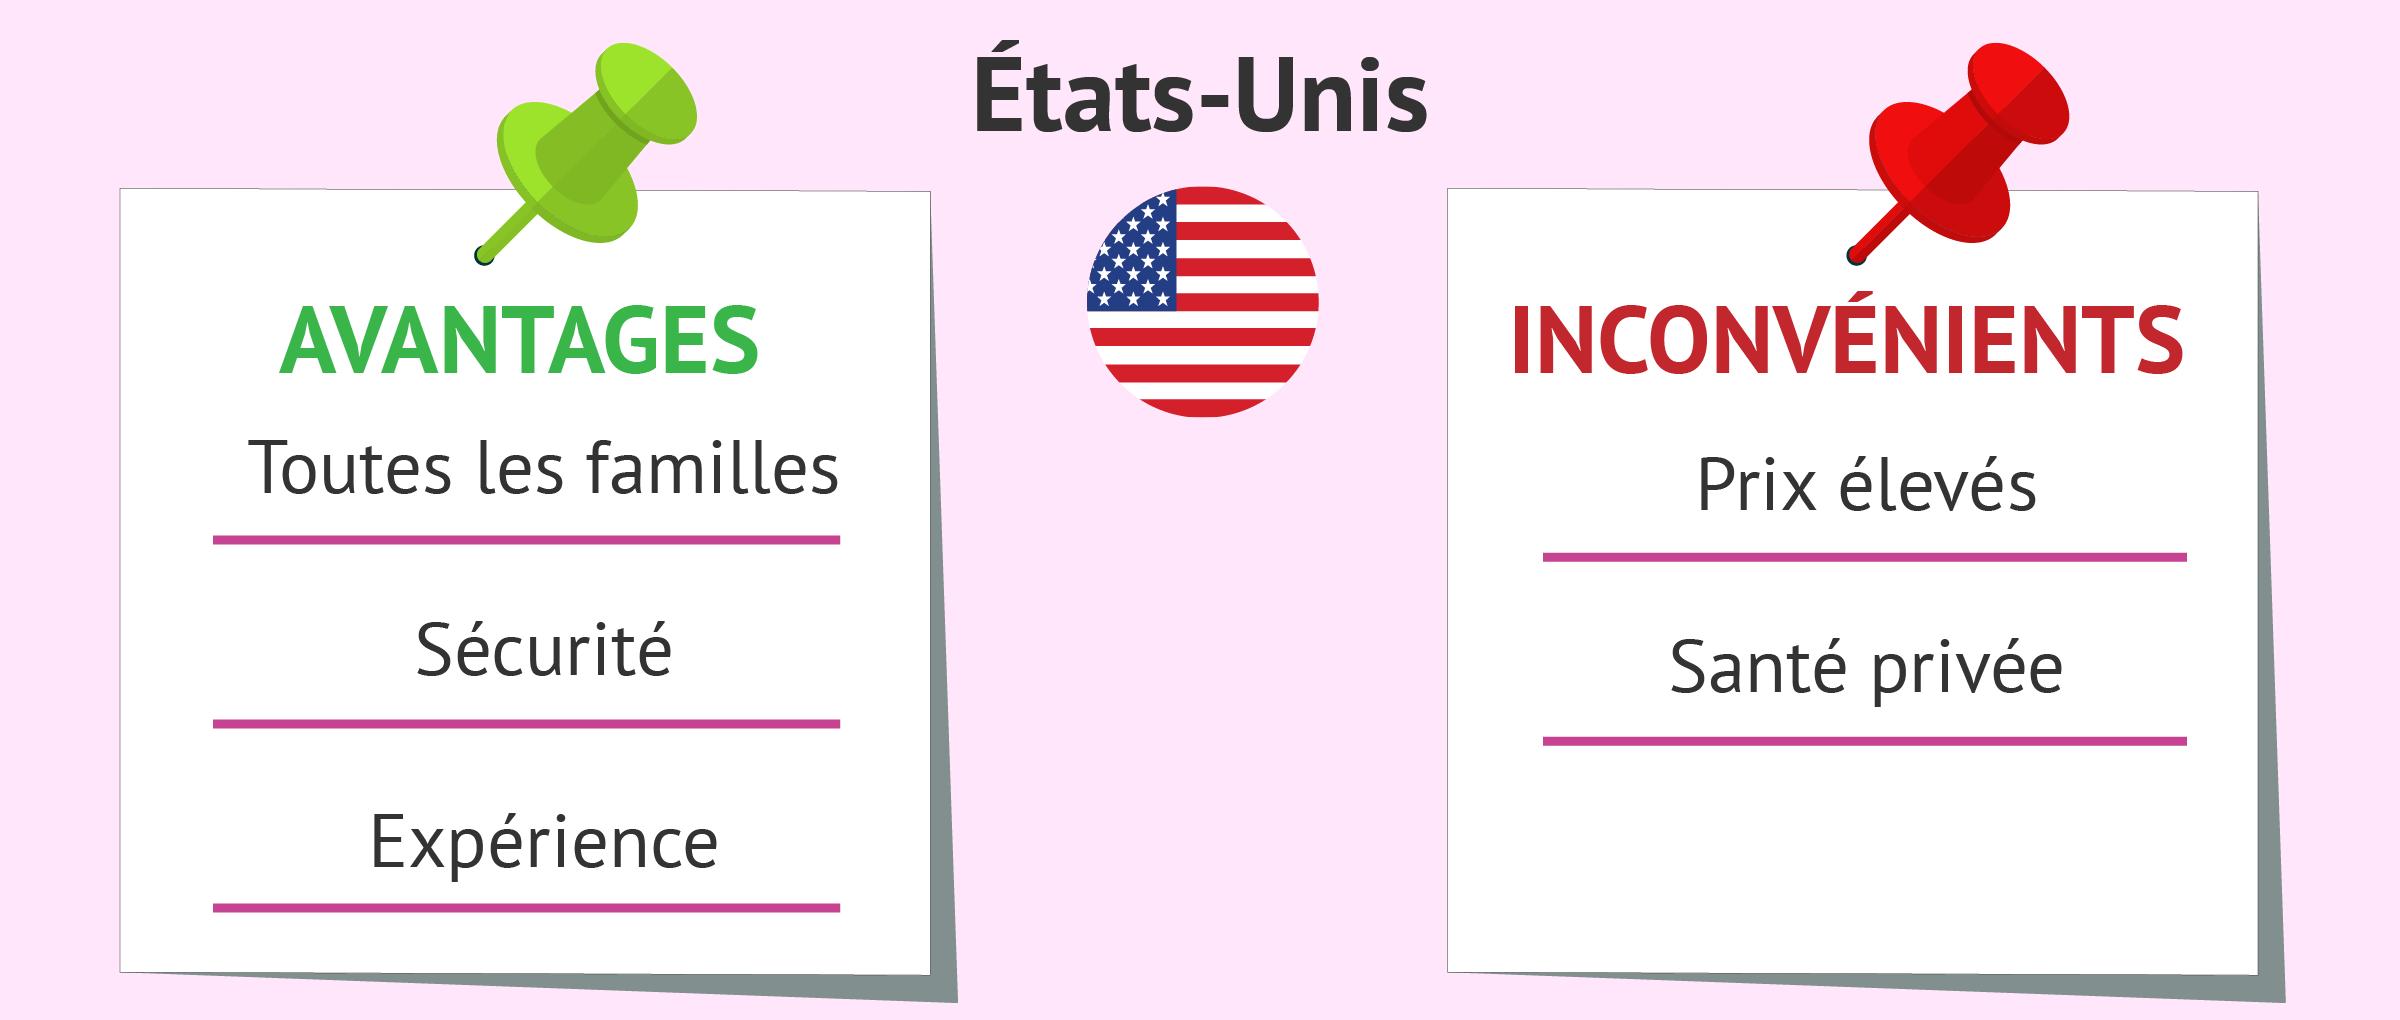 GPA aux États-Unis: avantages et inconvénients